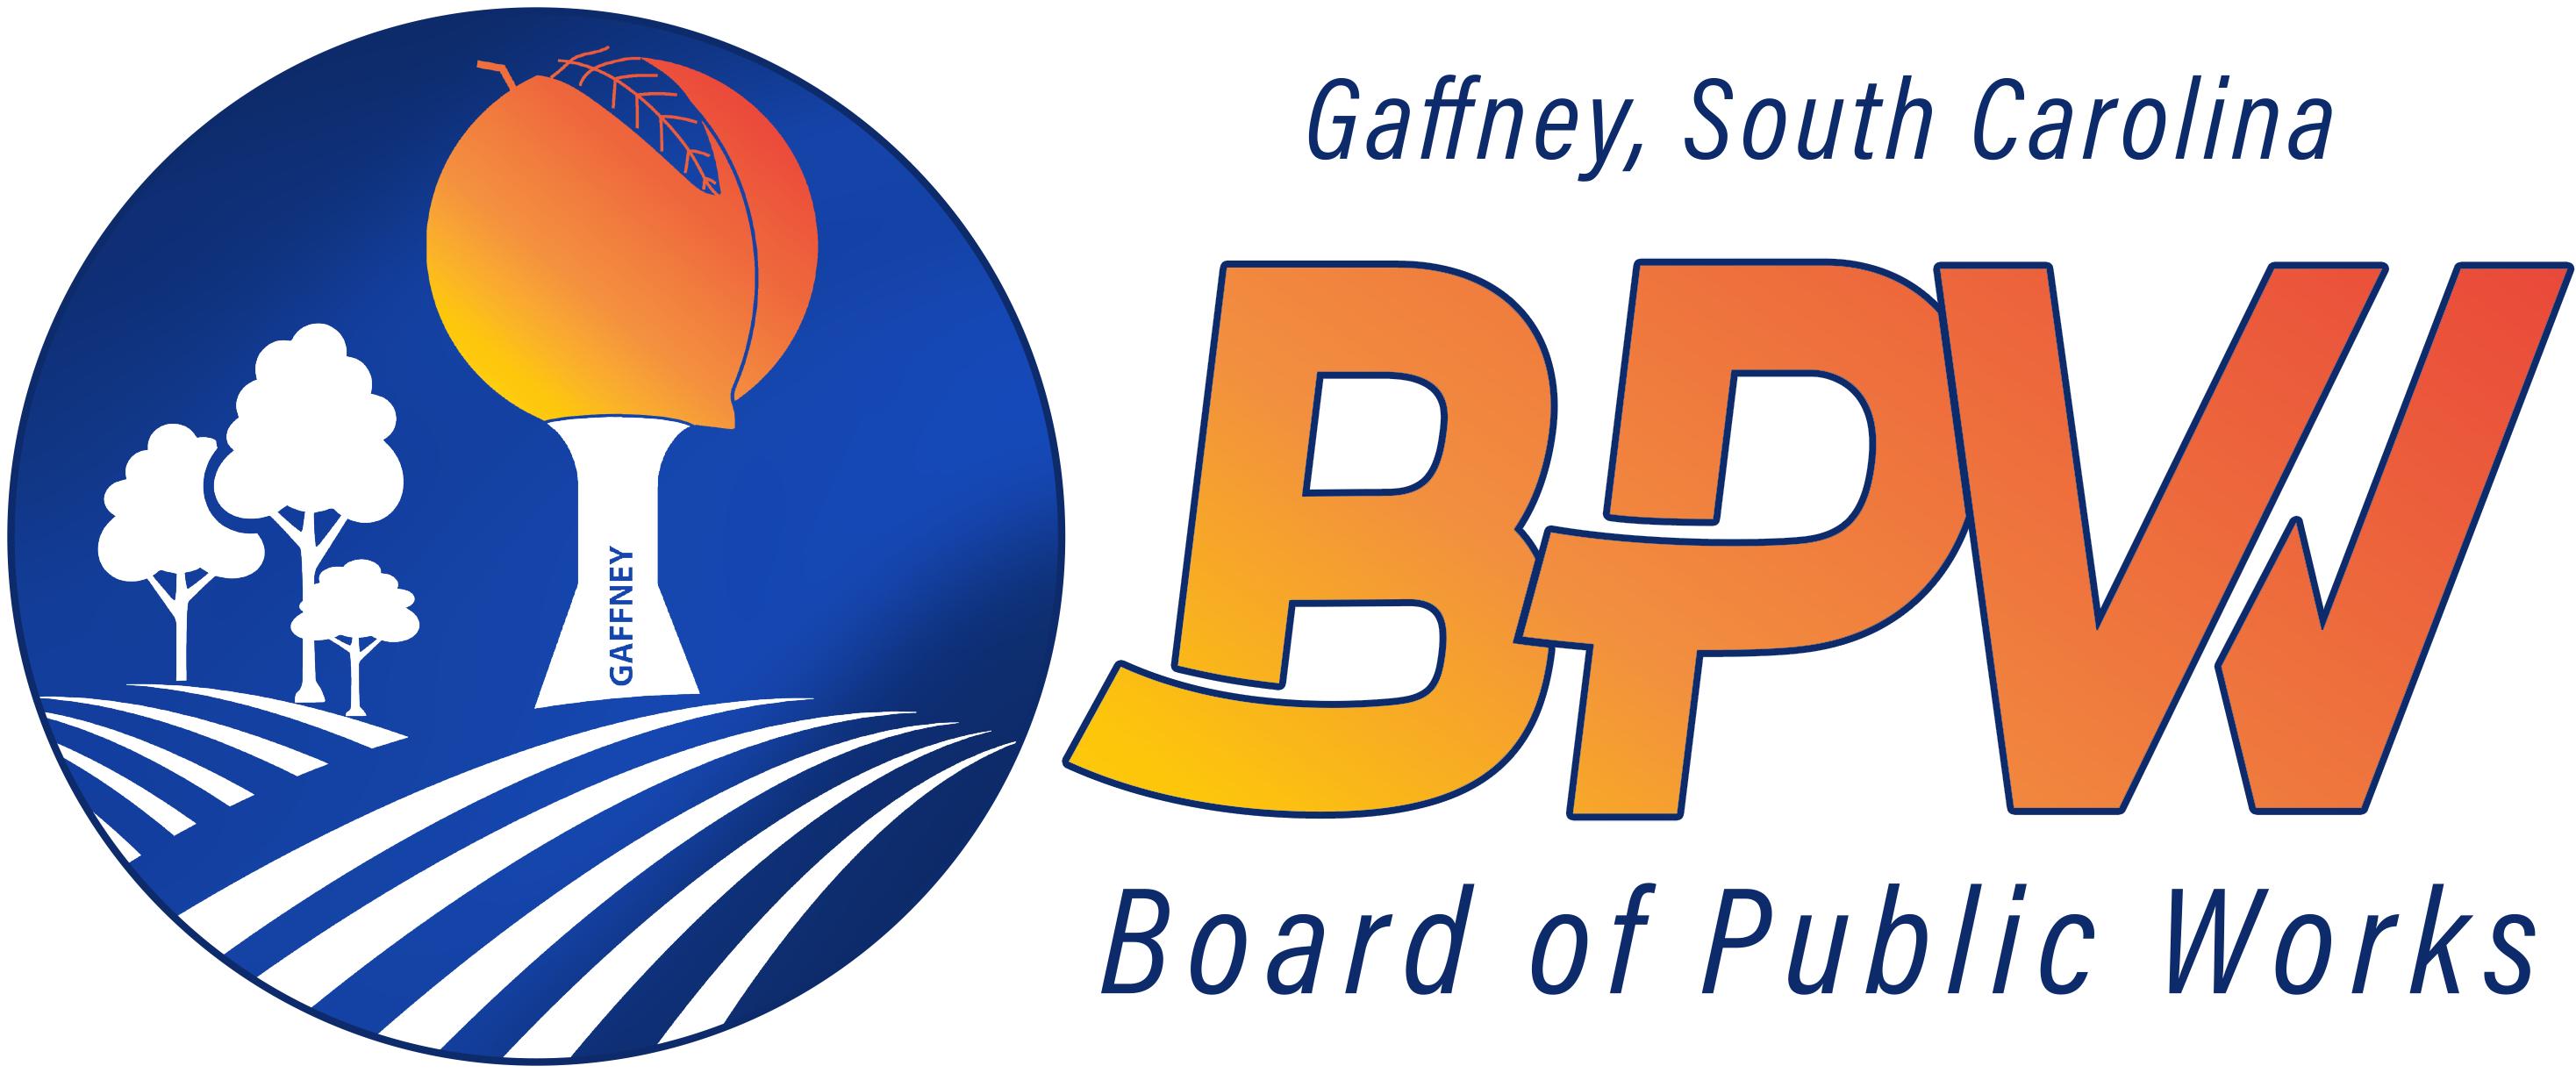 Board of Public Works